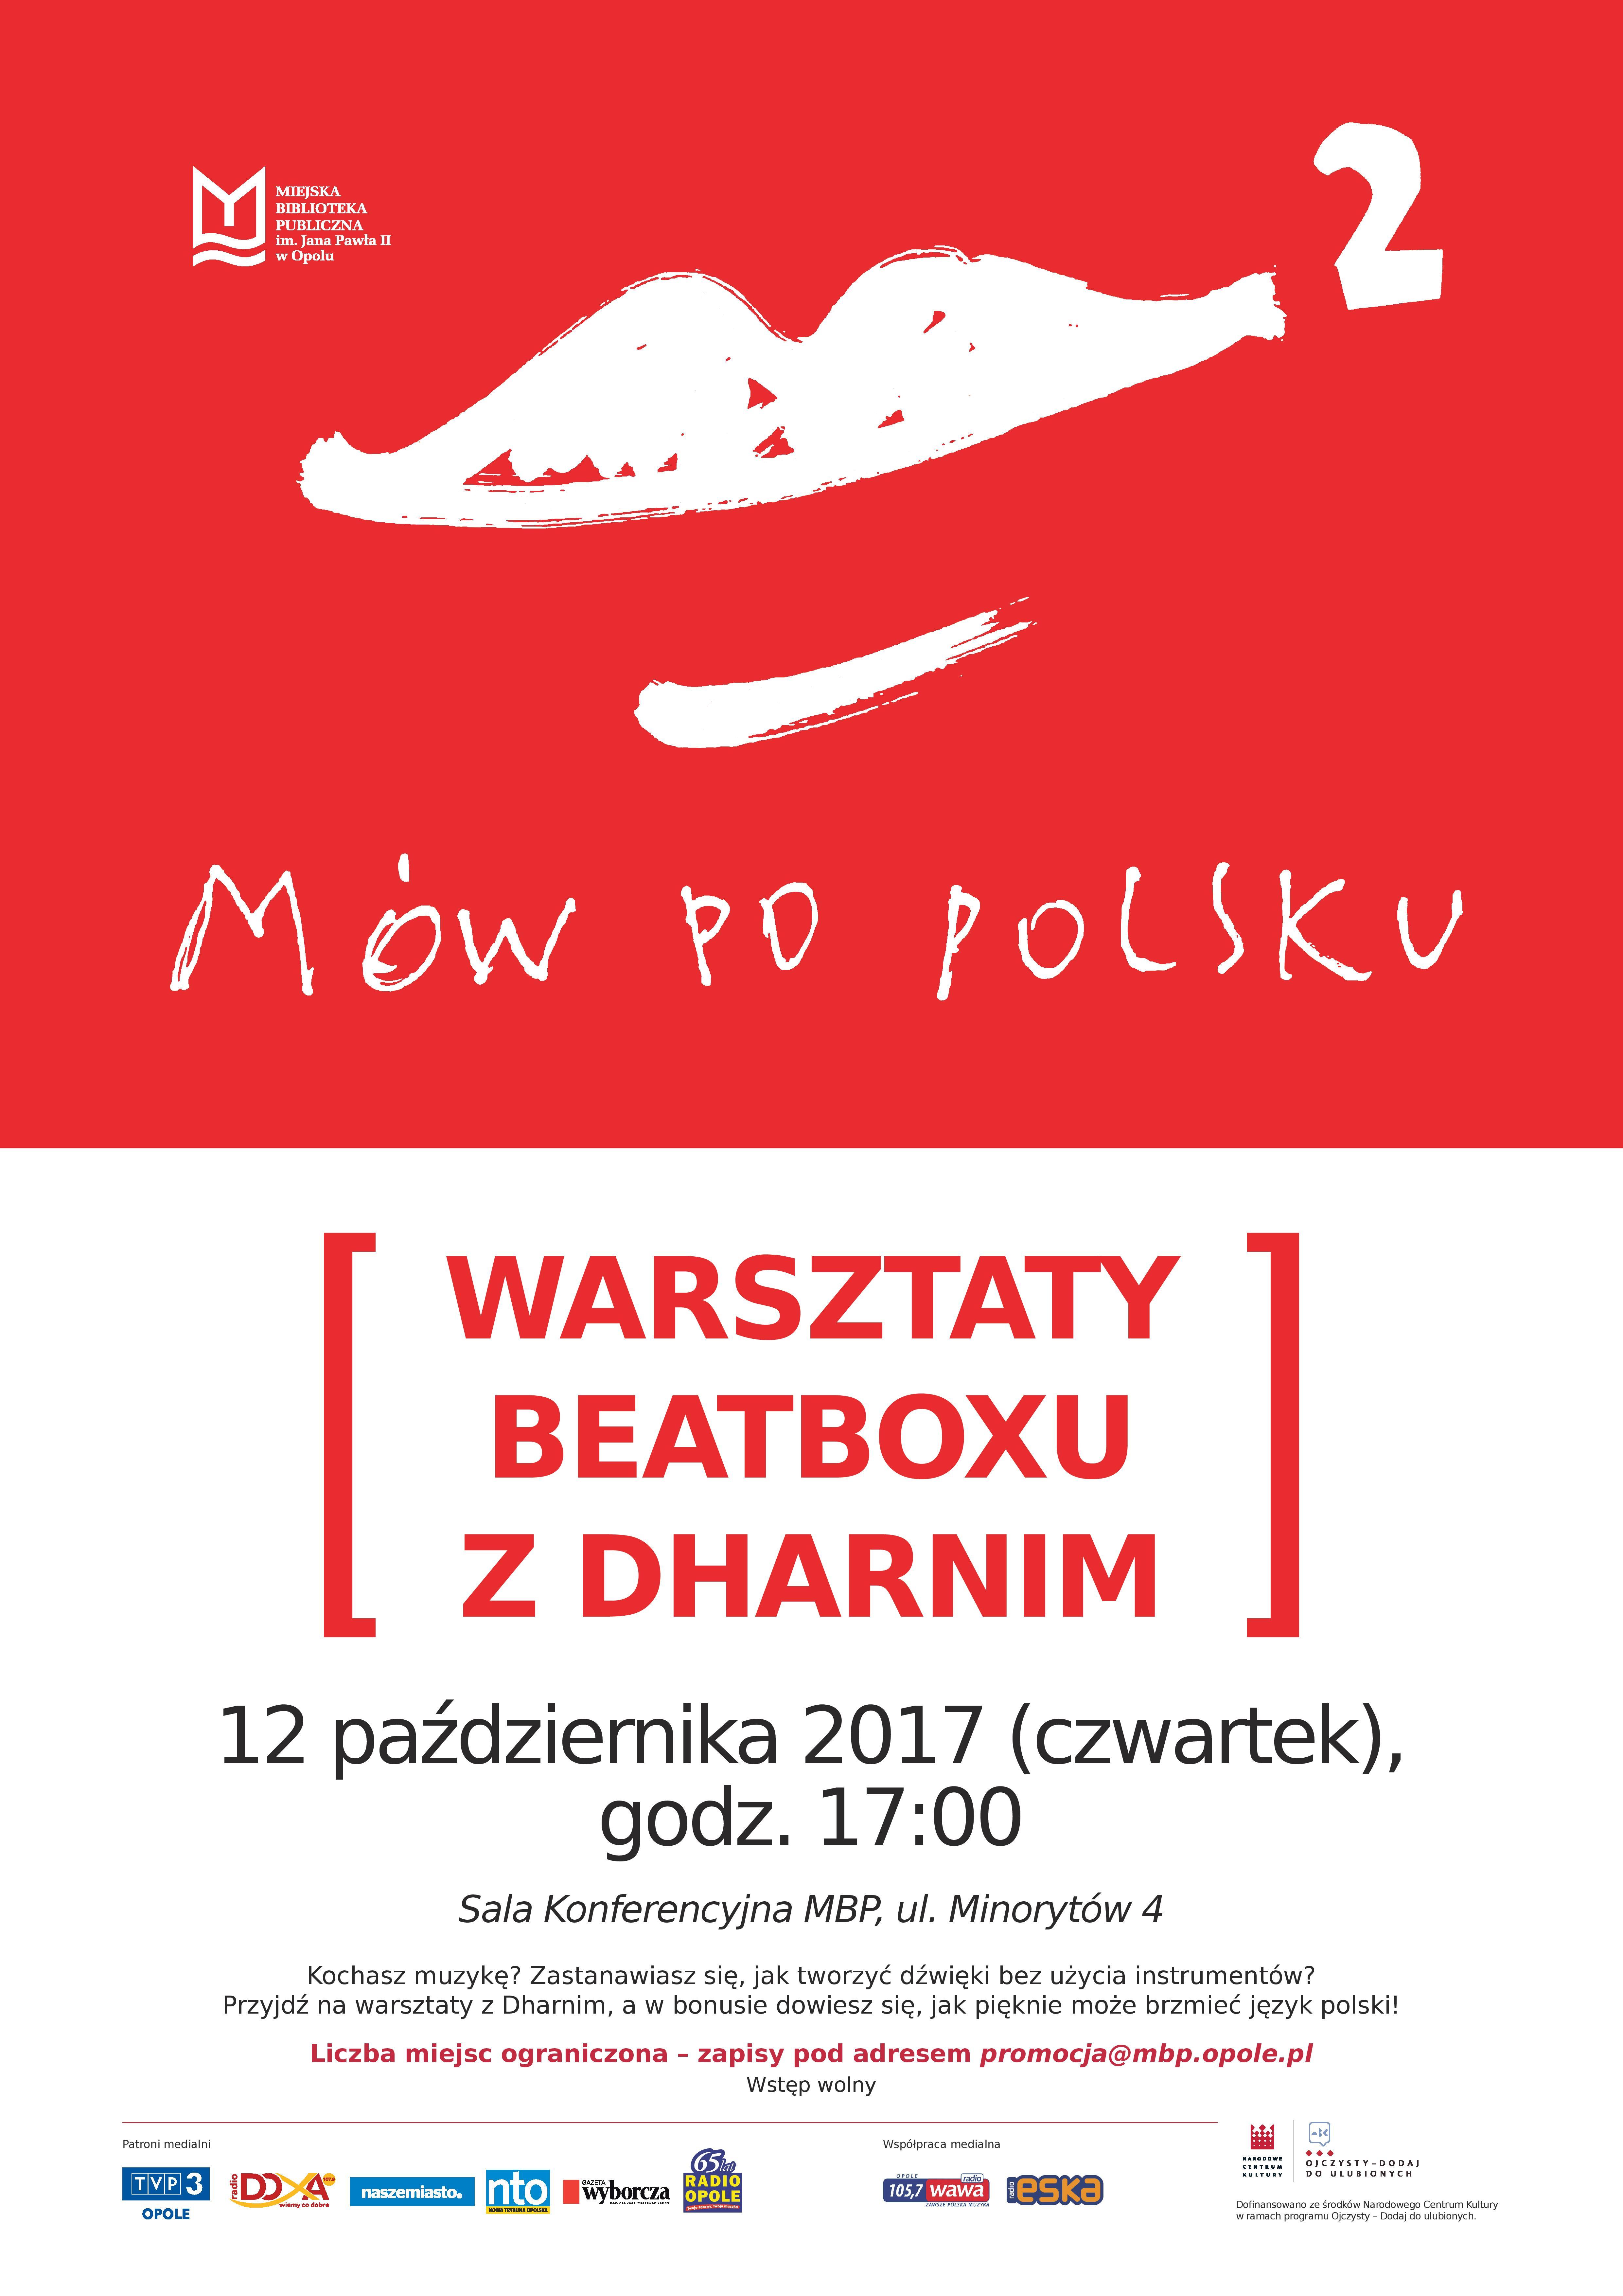 """Warsztaty beatboxu z Dharnim w ramach projektu """"Mów po polsku 2!"""""""